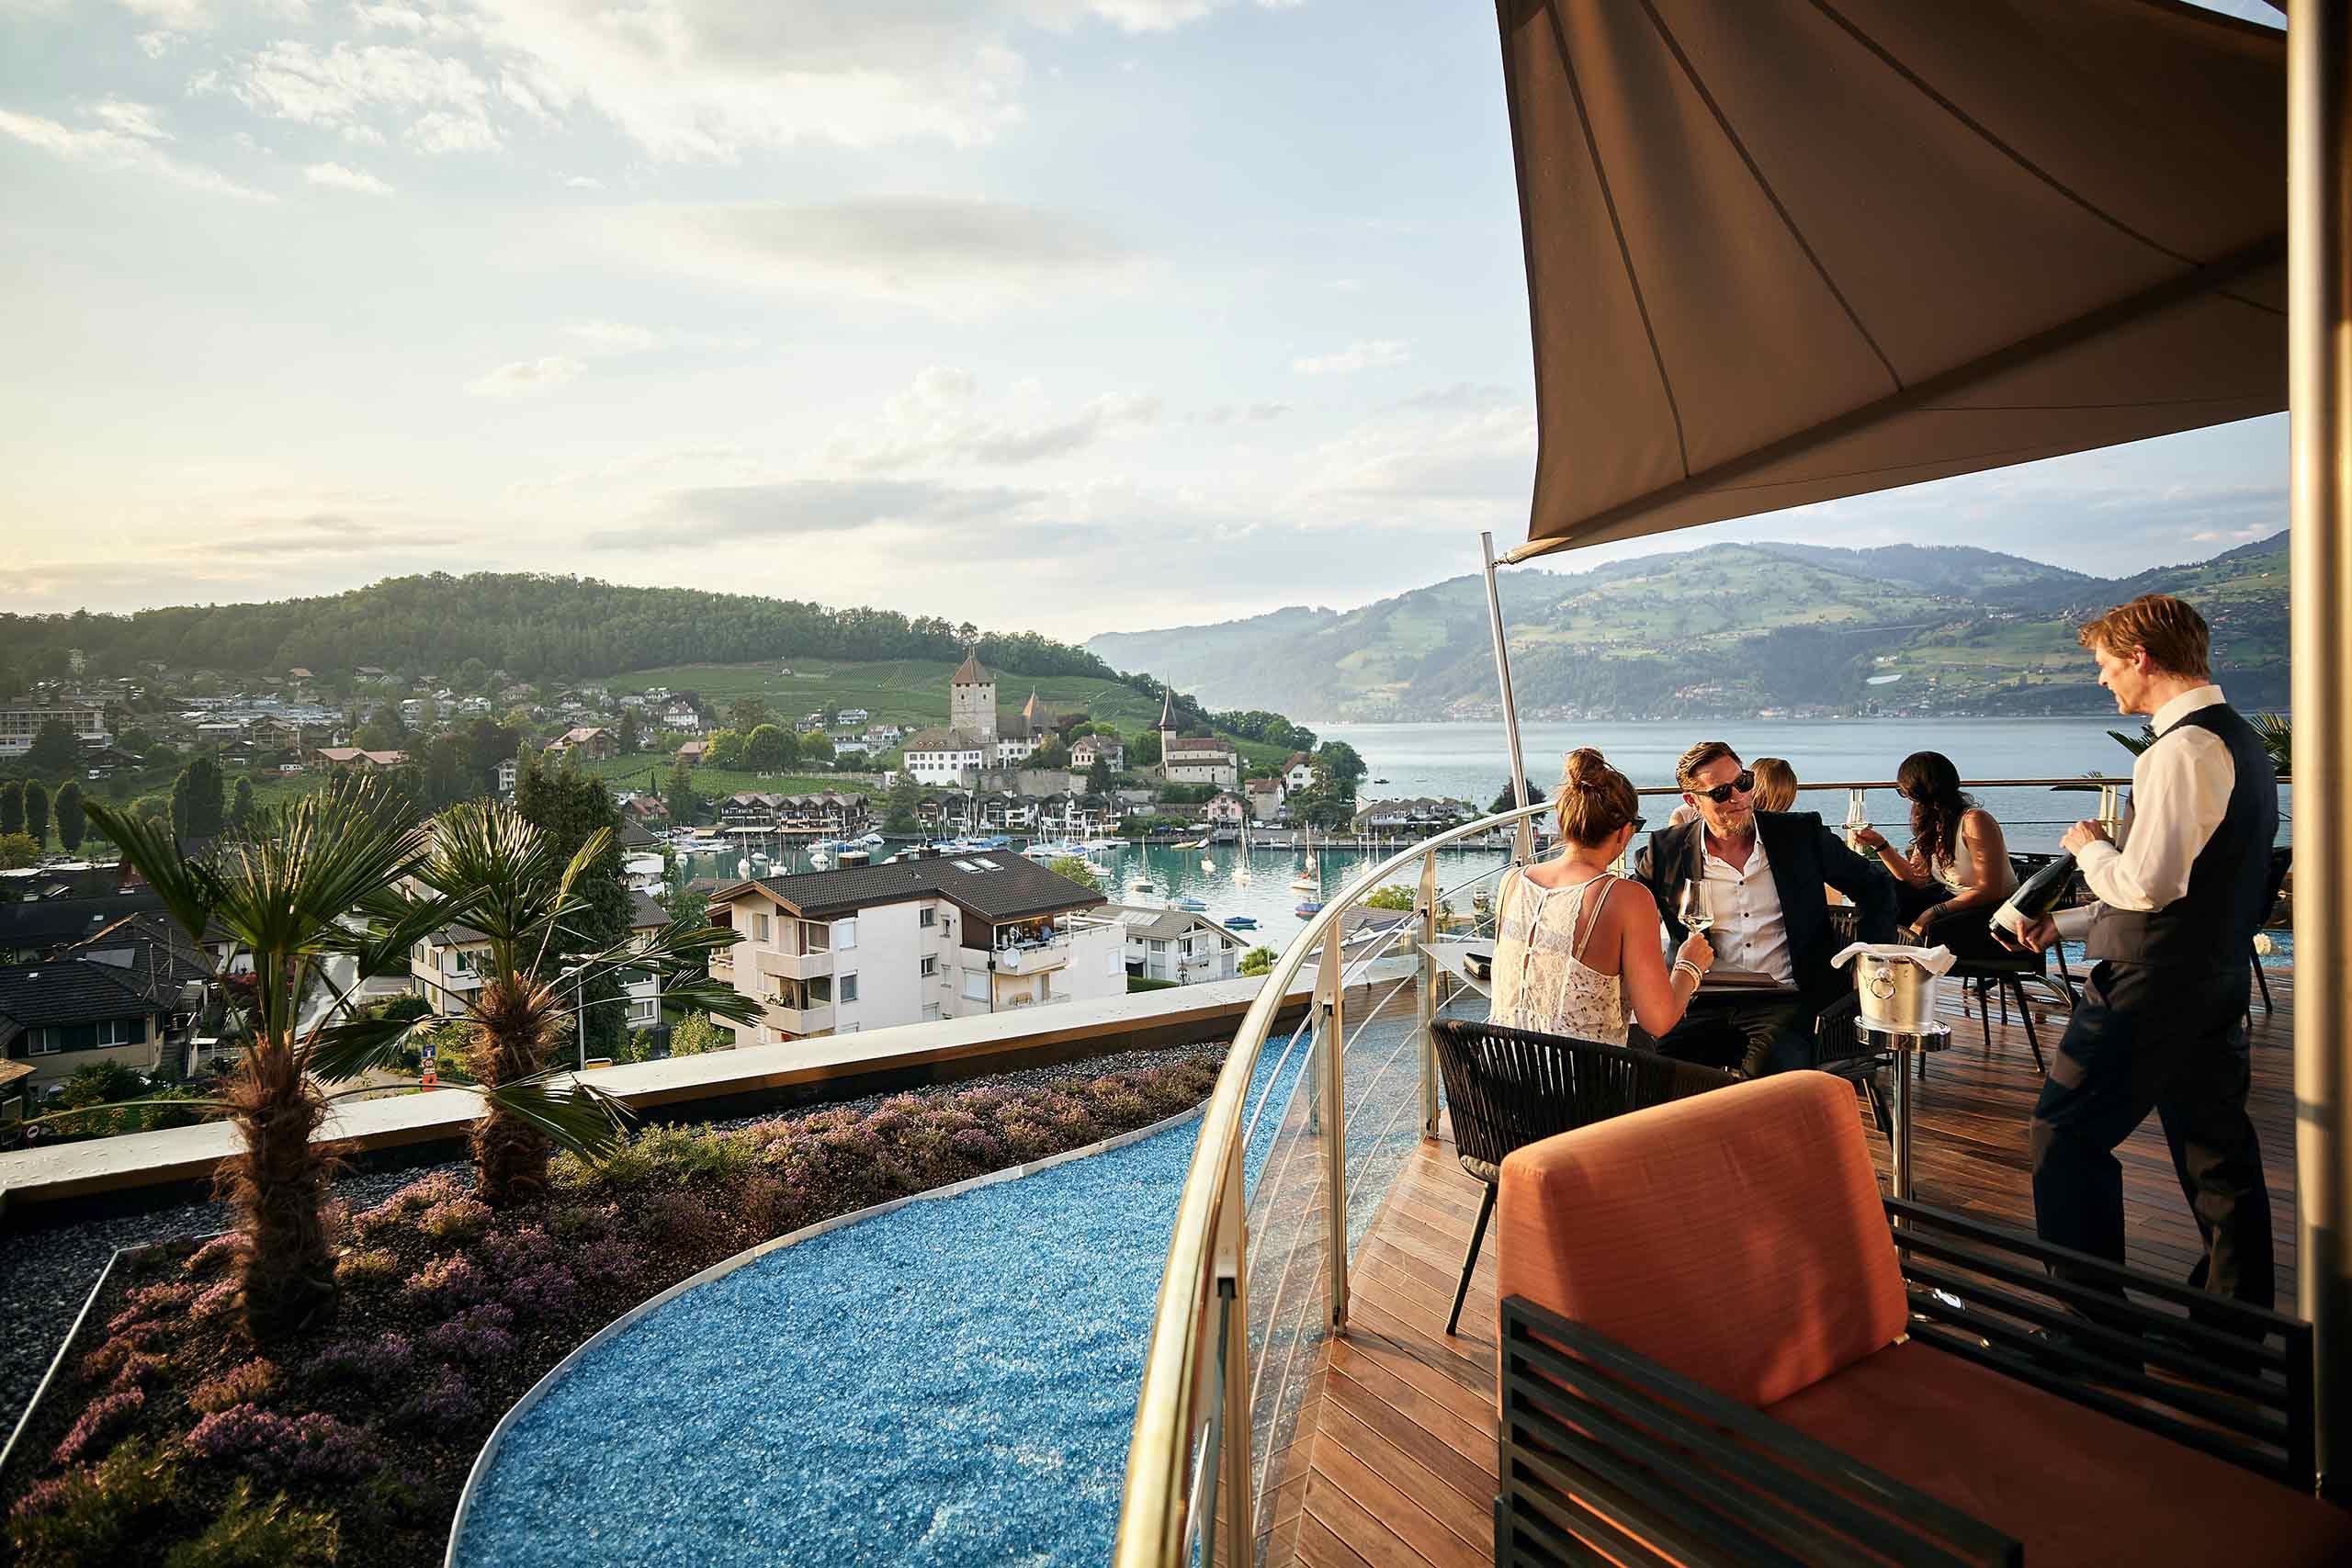 captains-bar-spiez-terrasse-gaest-kelner-sommer-bucht-thunersee.jpg